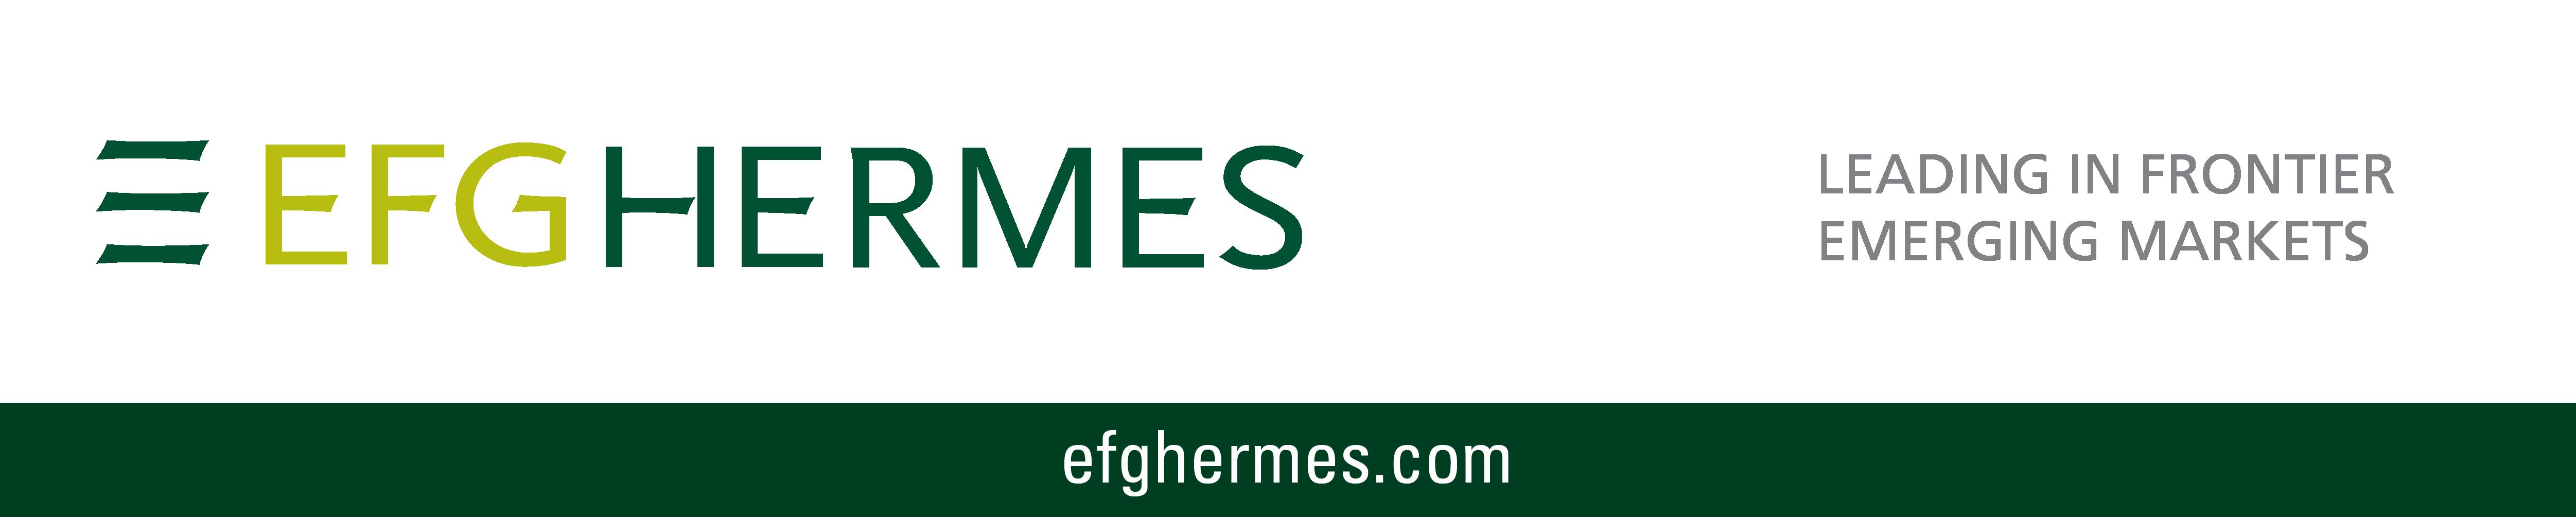 EFG Hermes - https://efghermes.com/